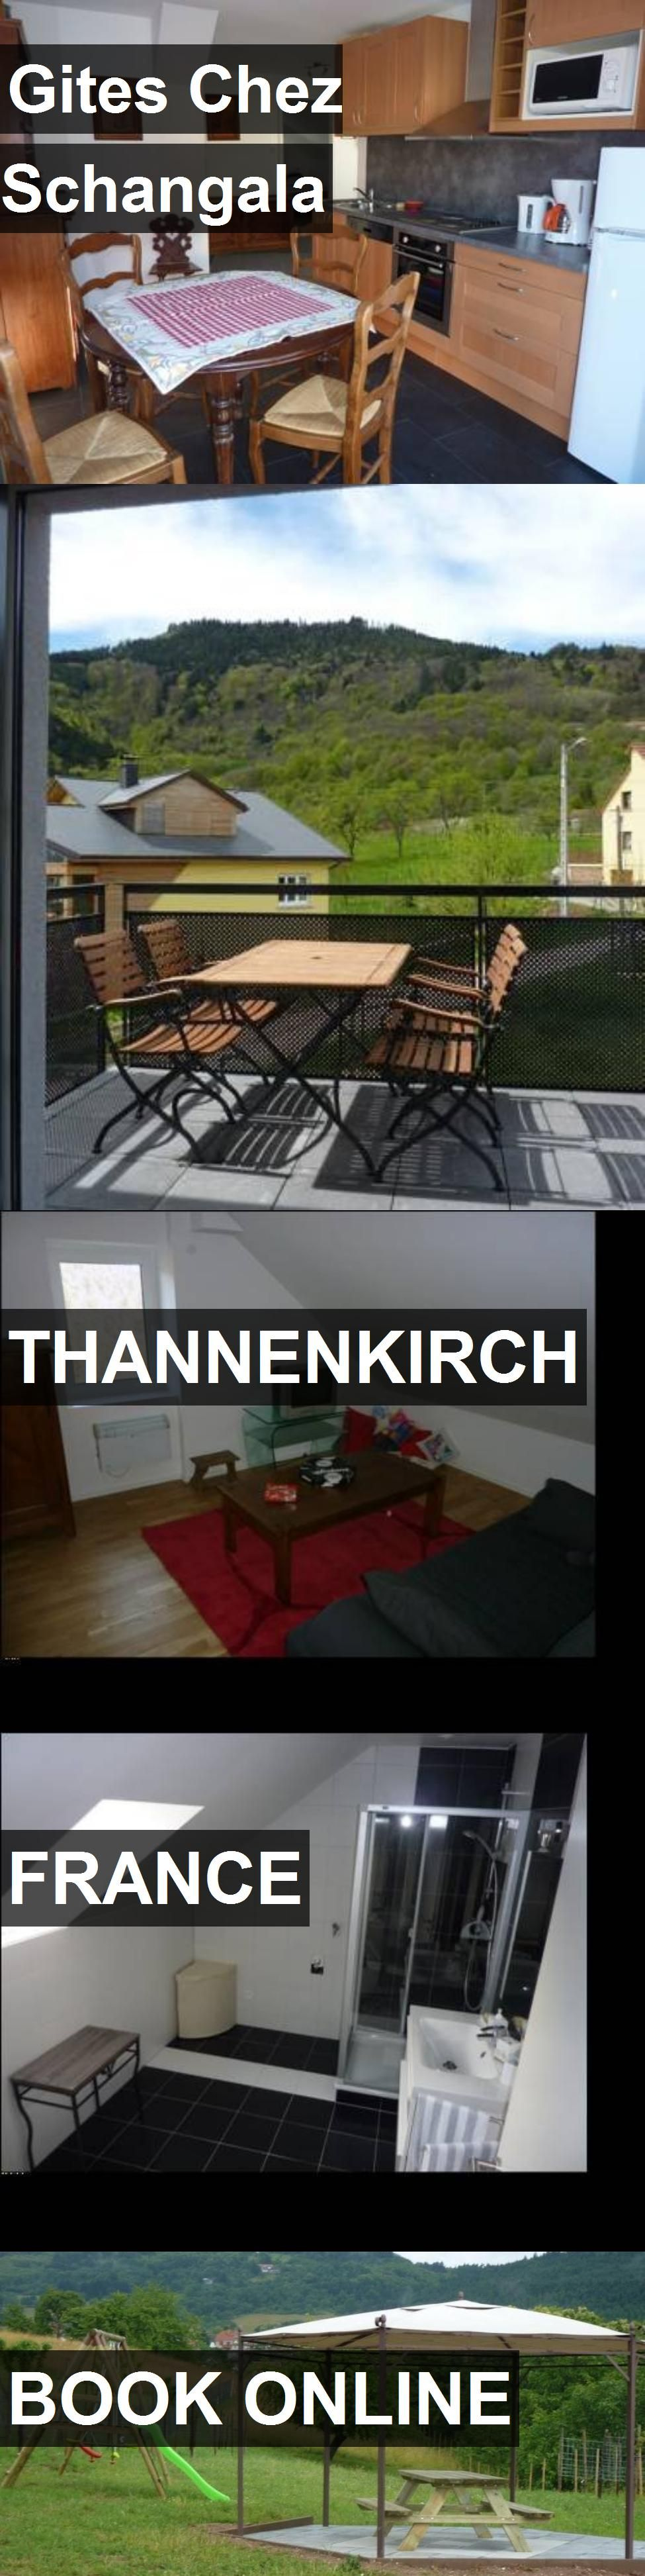 Auberge Meuniere Thannenkirch avec huur een appartement in thannenkirch, haut-rhin met 2 slaapkamers